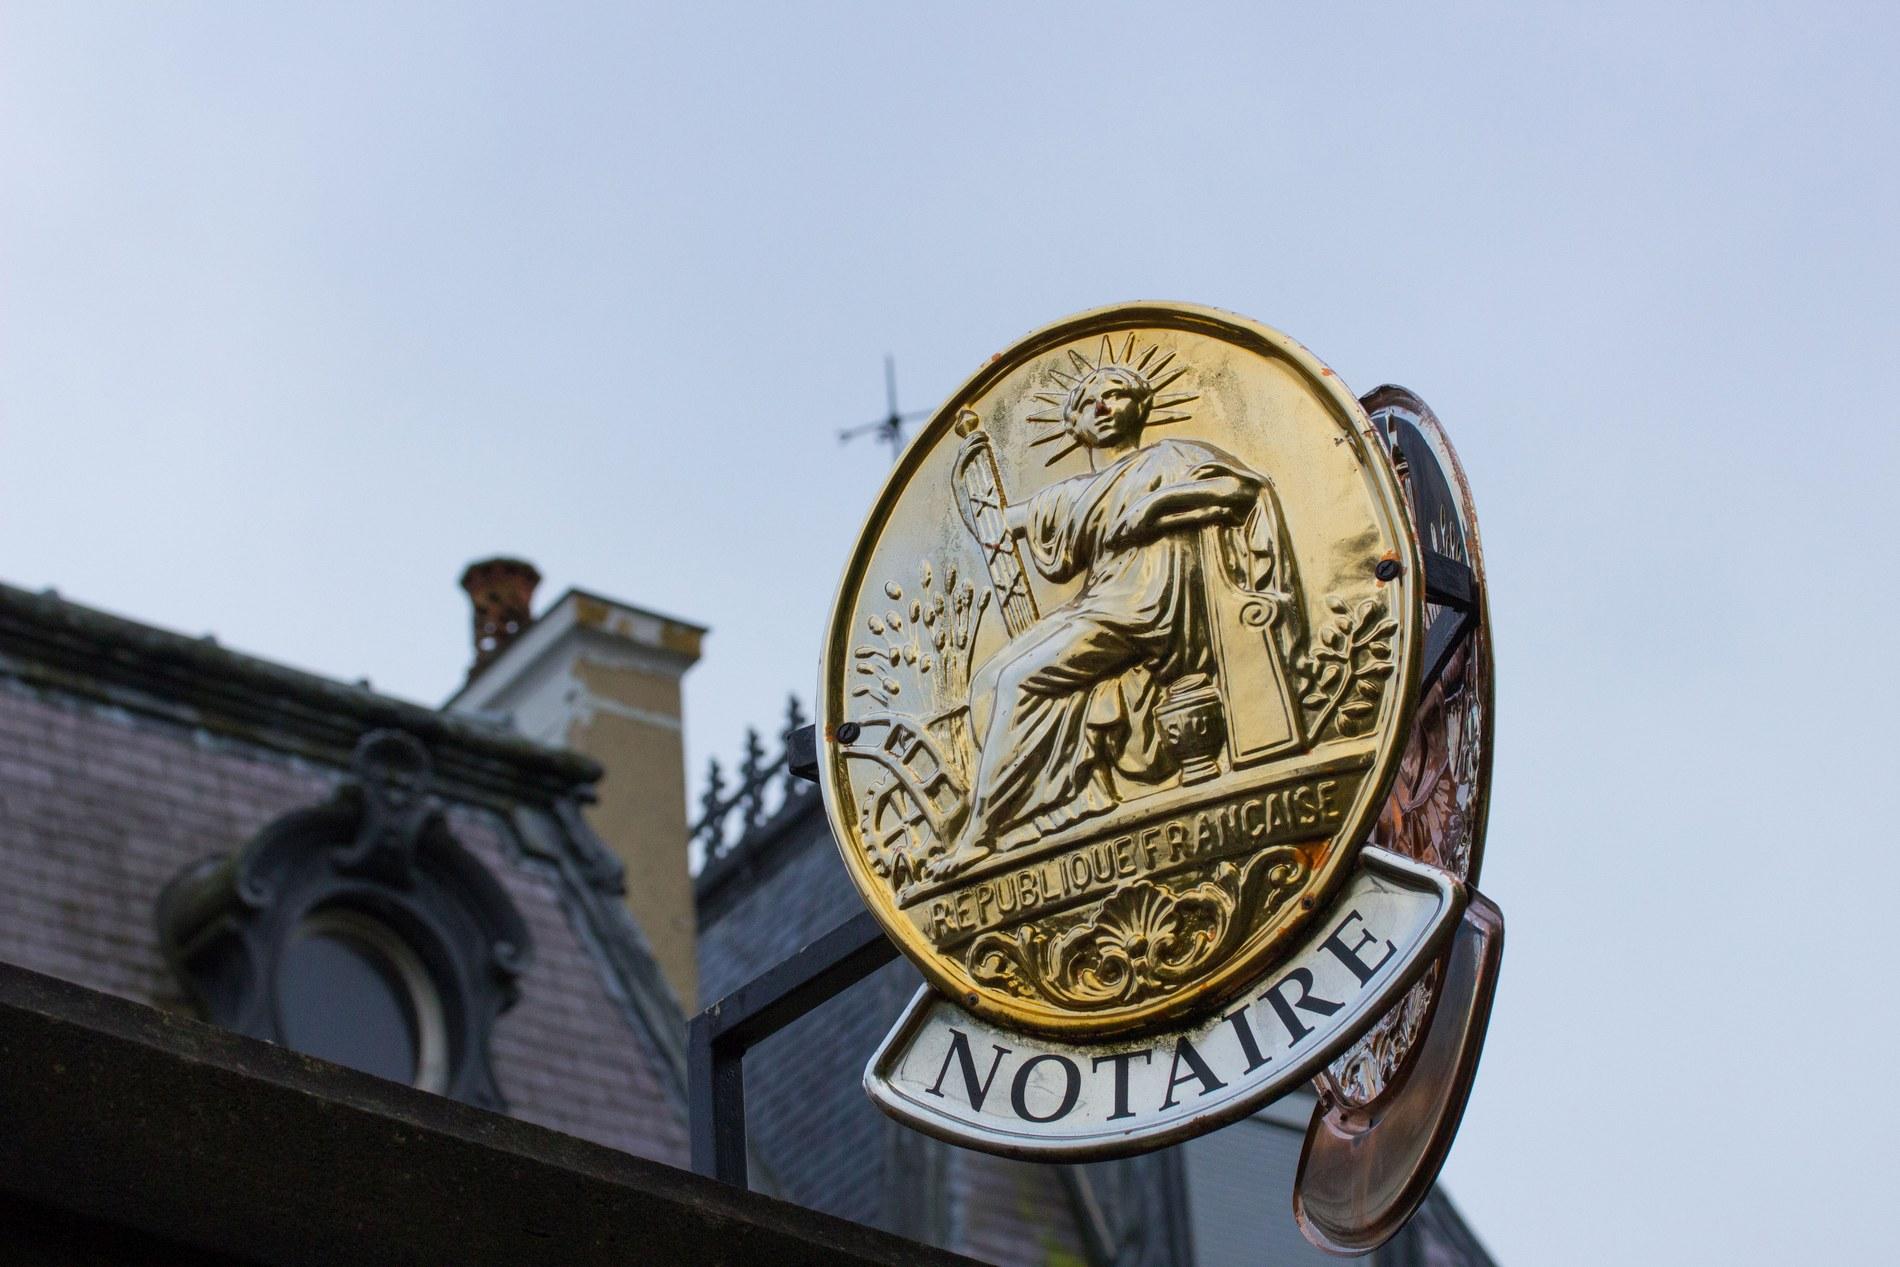 Ventes immobilières : baisse des tarifs des notaires